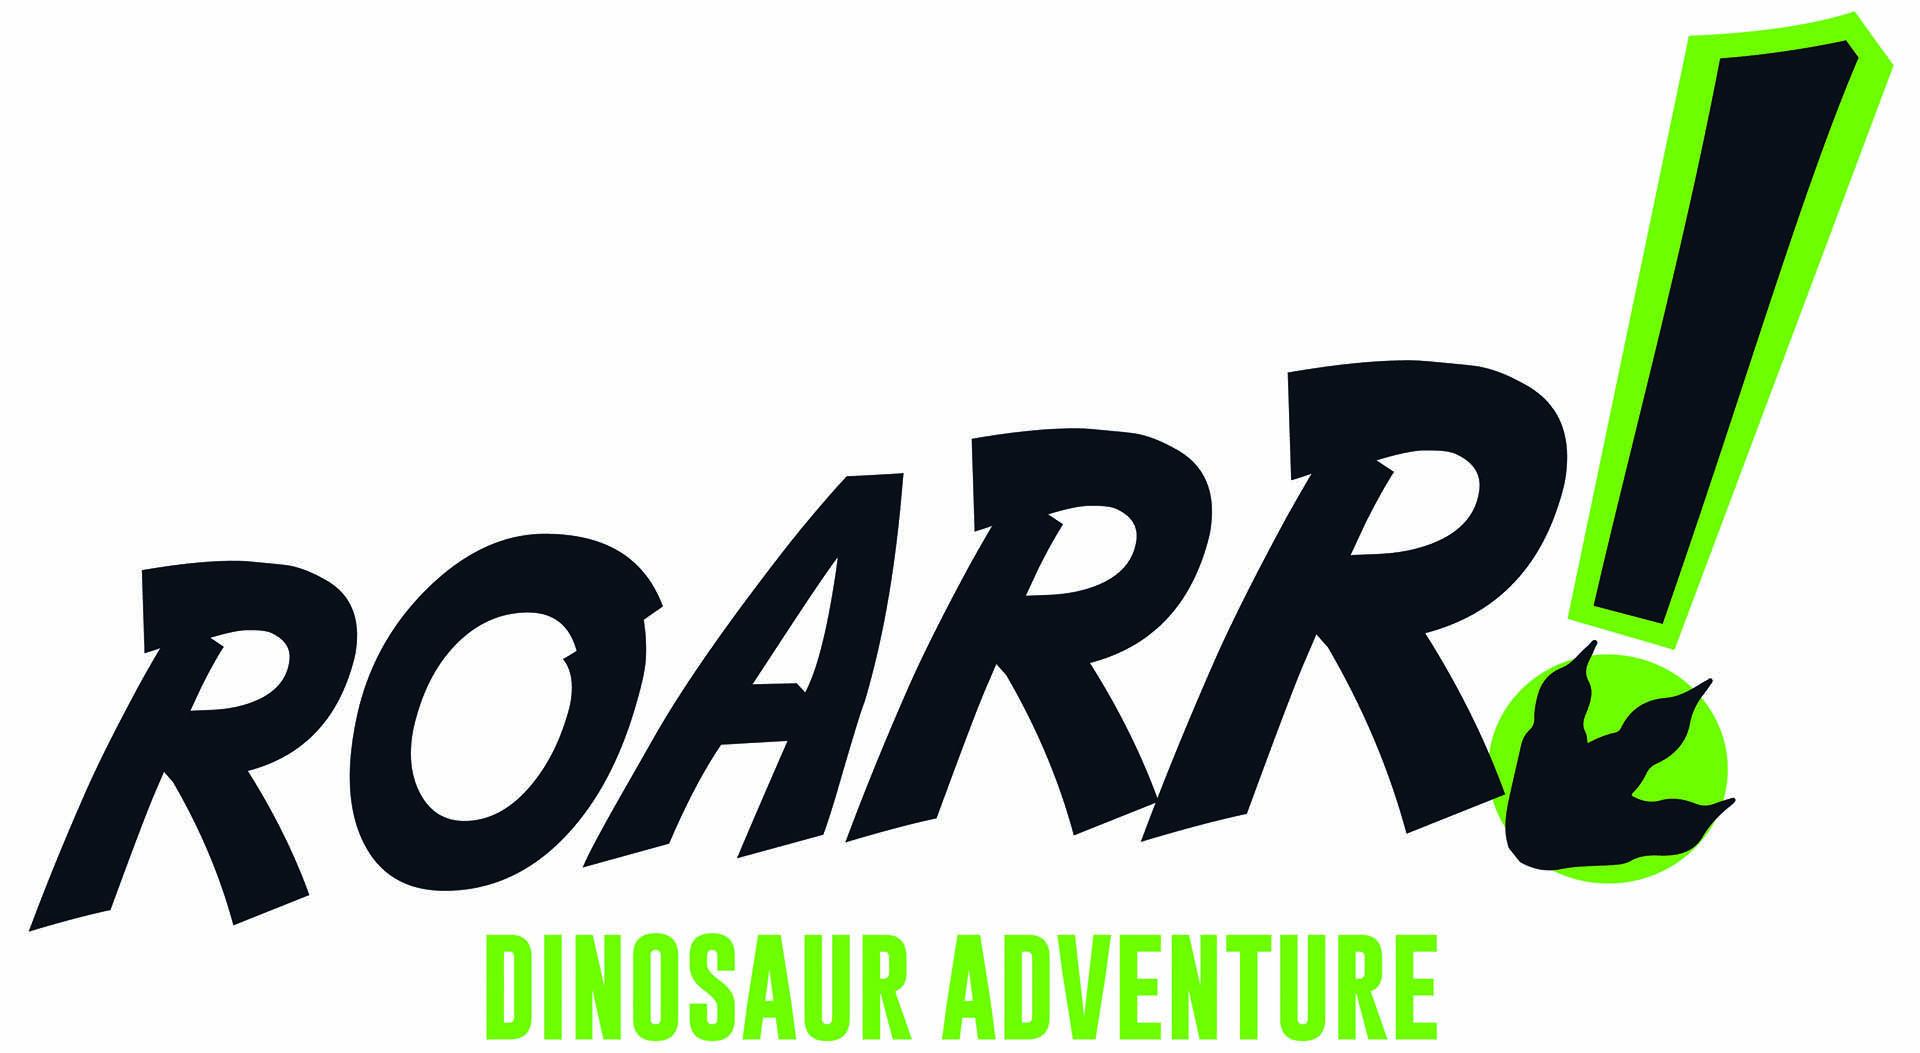 Roarr! Dinosaur Adventure's logo